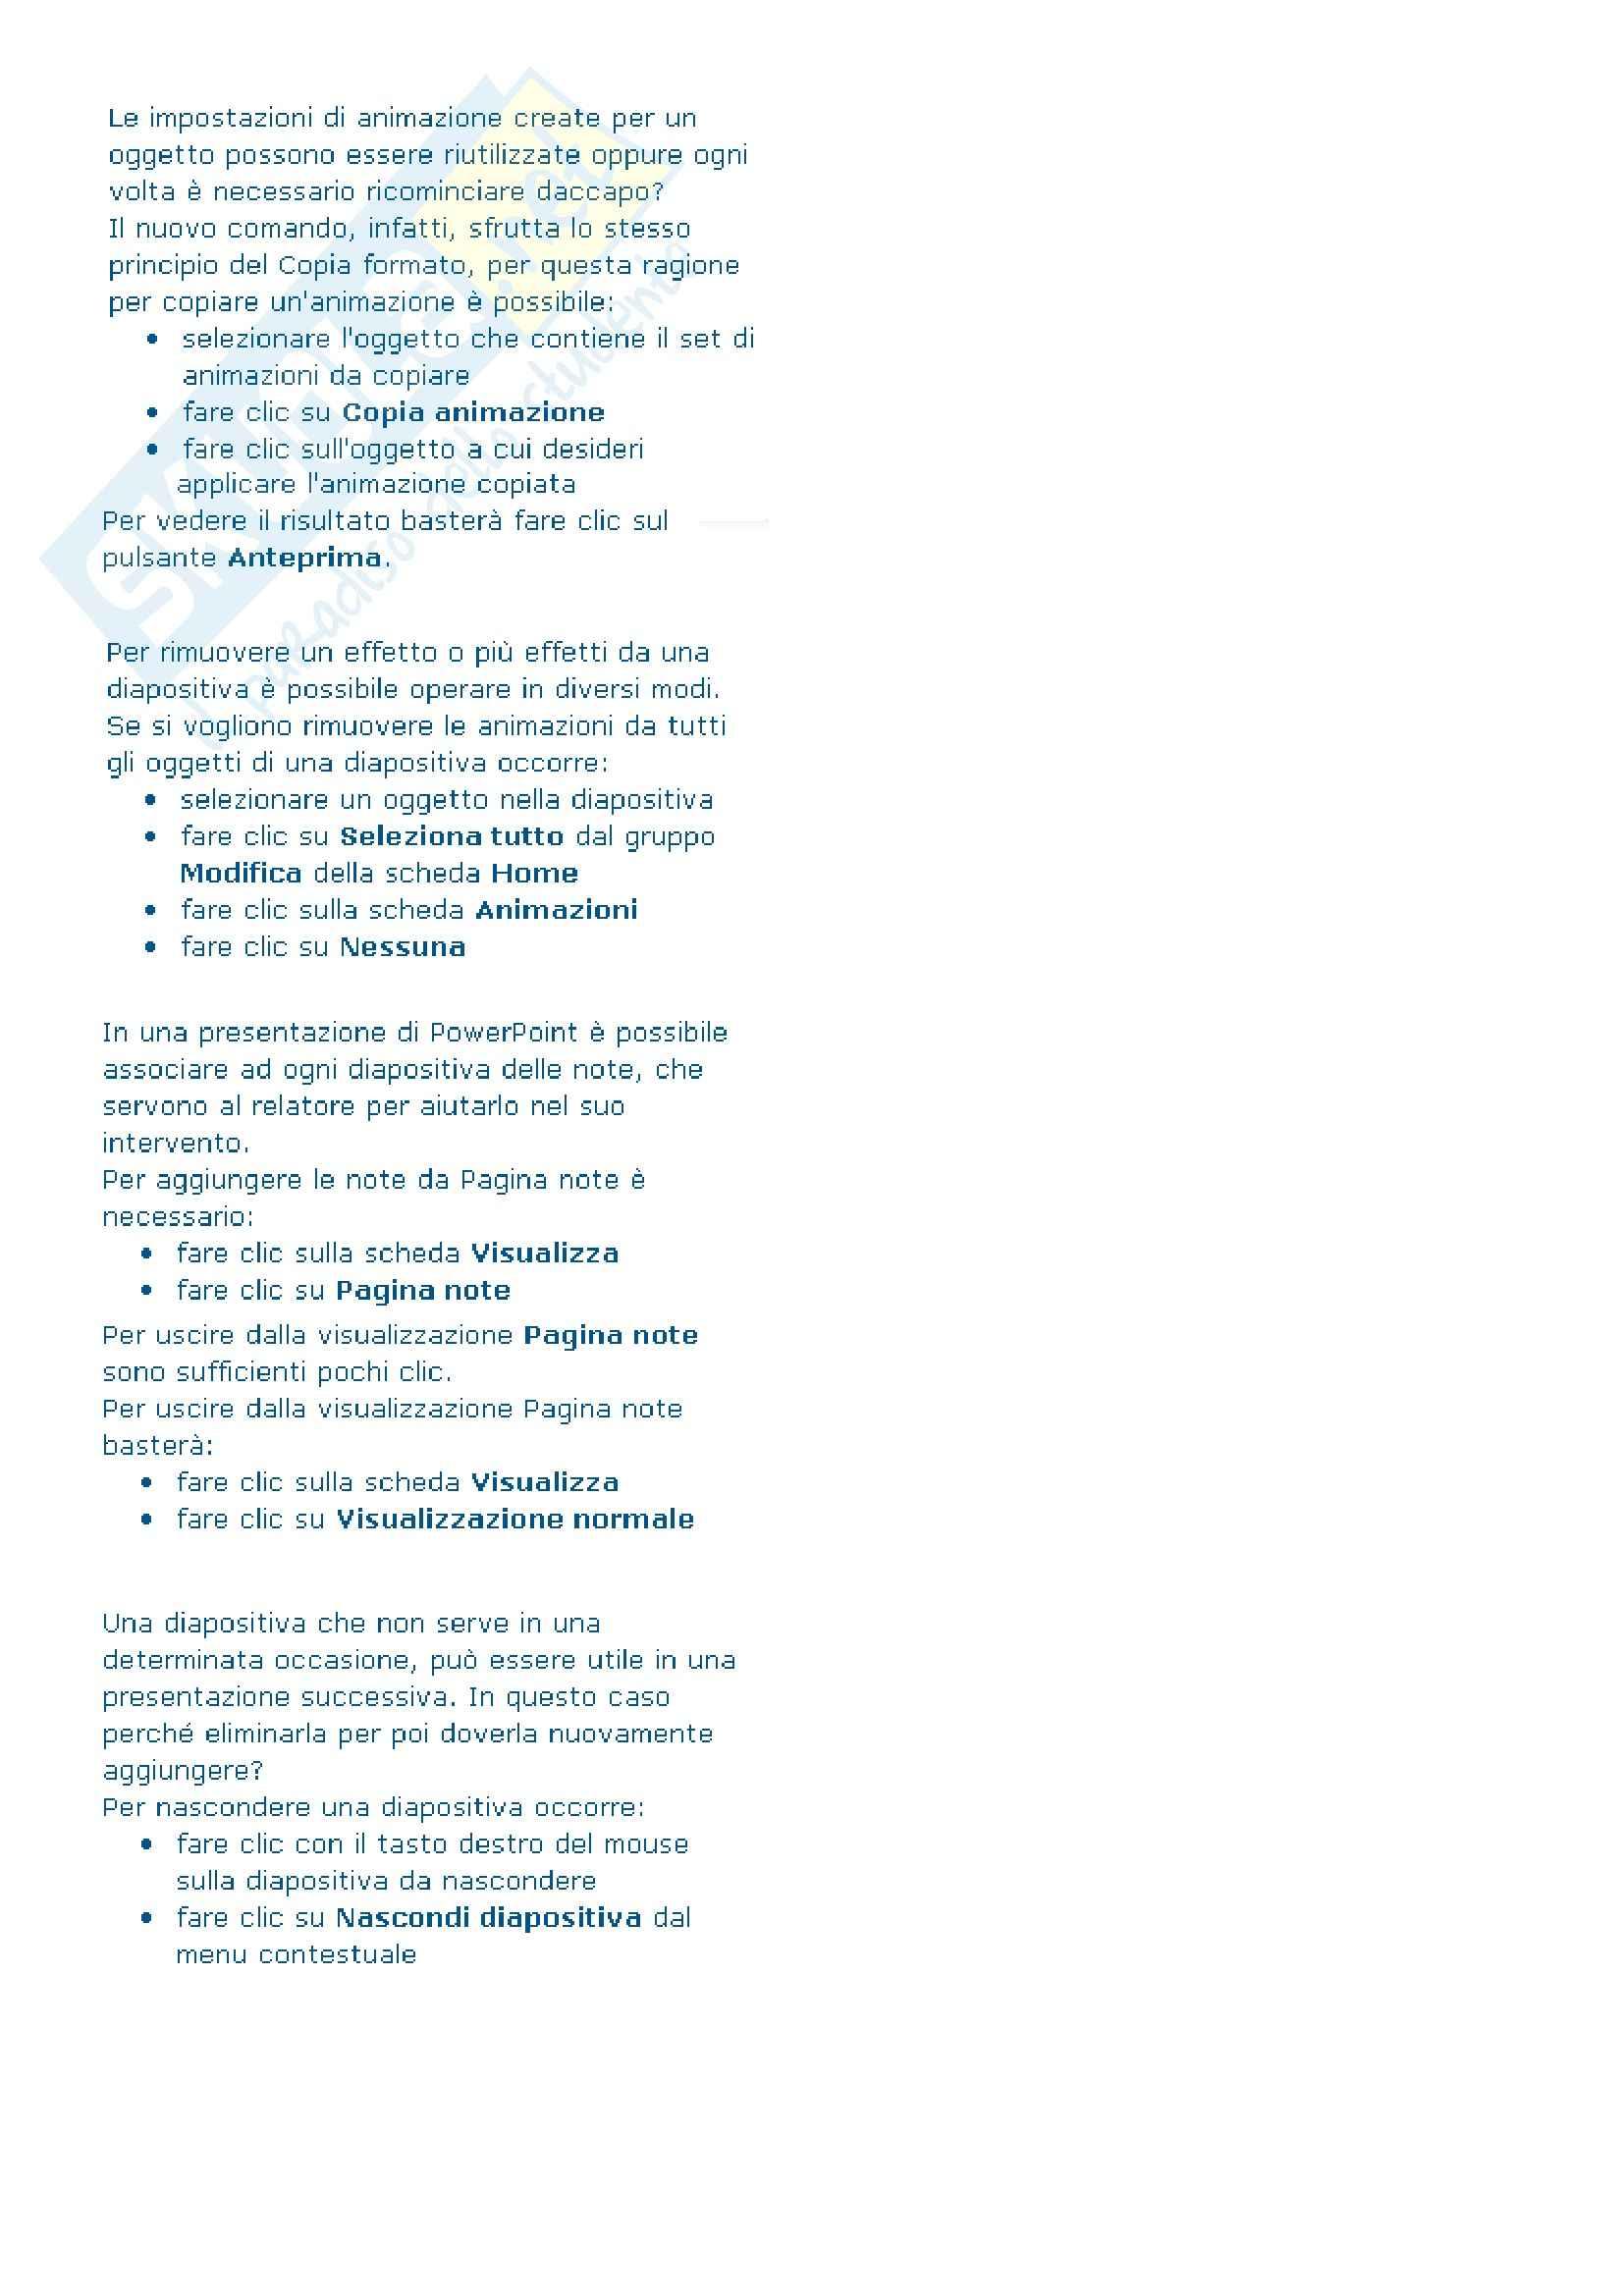 Ict e sistemi dell'informazione - Come presentare i dati in PowerPoint 2010 Pag. 61